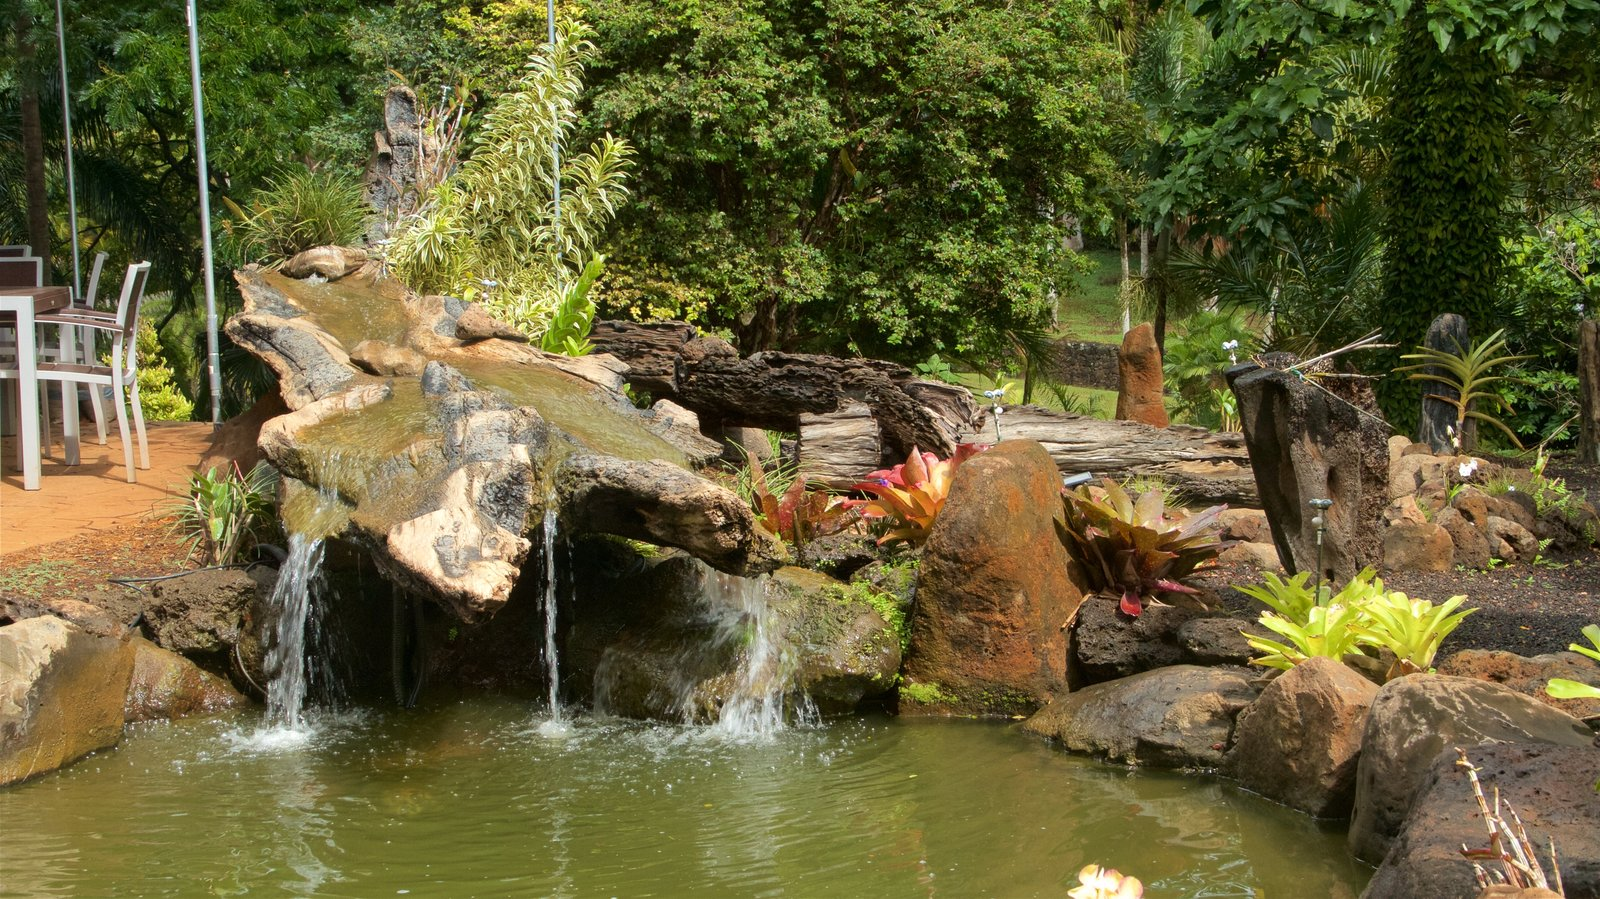 McBryde Garden Pictures: View Photos & Images of McBryde Garden